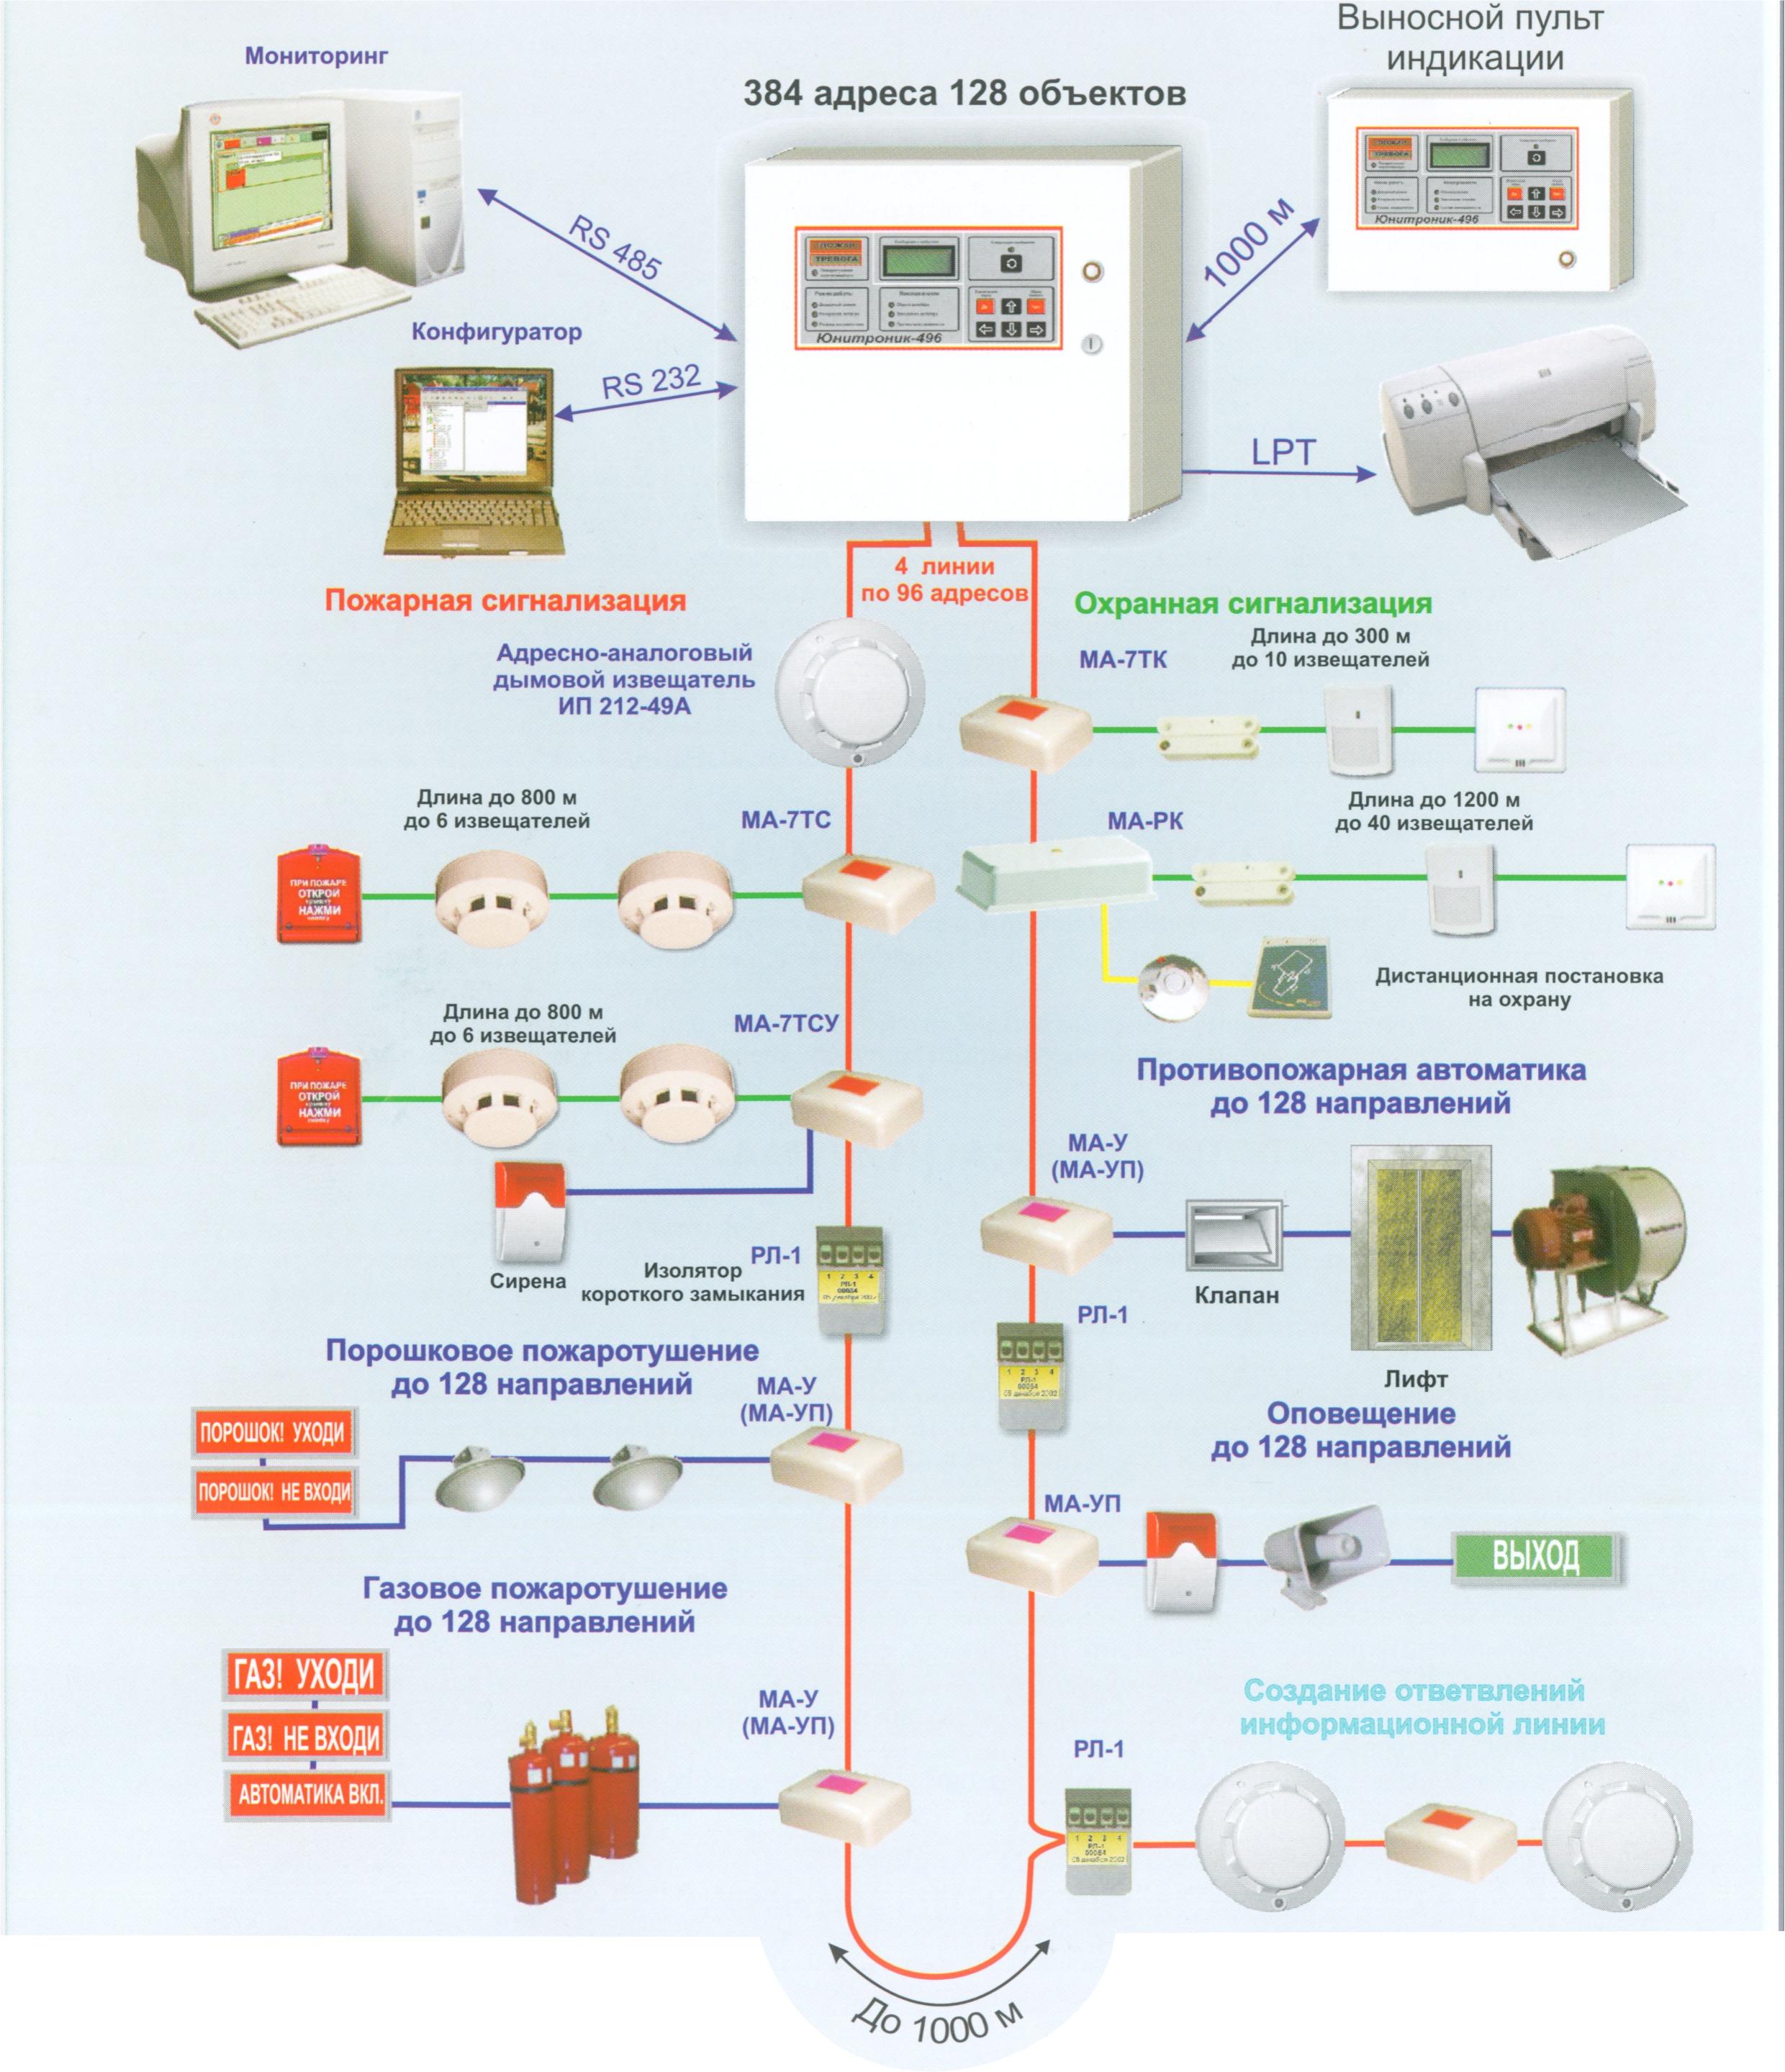 Спектрон 200 и Сигнал-20П - Схема подключения извещателя пламени, 200 серии к ППКОП, Спектрон, схема, Сигнал-20П.